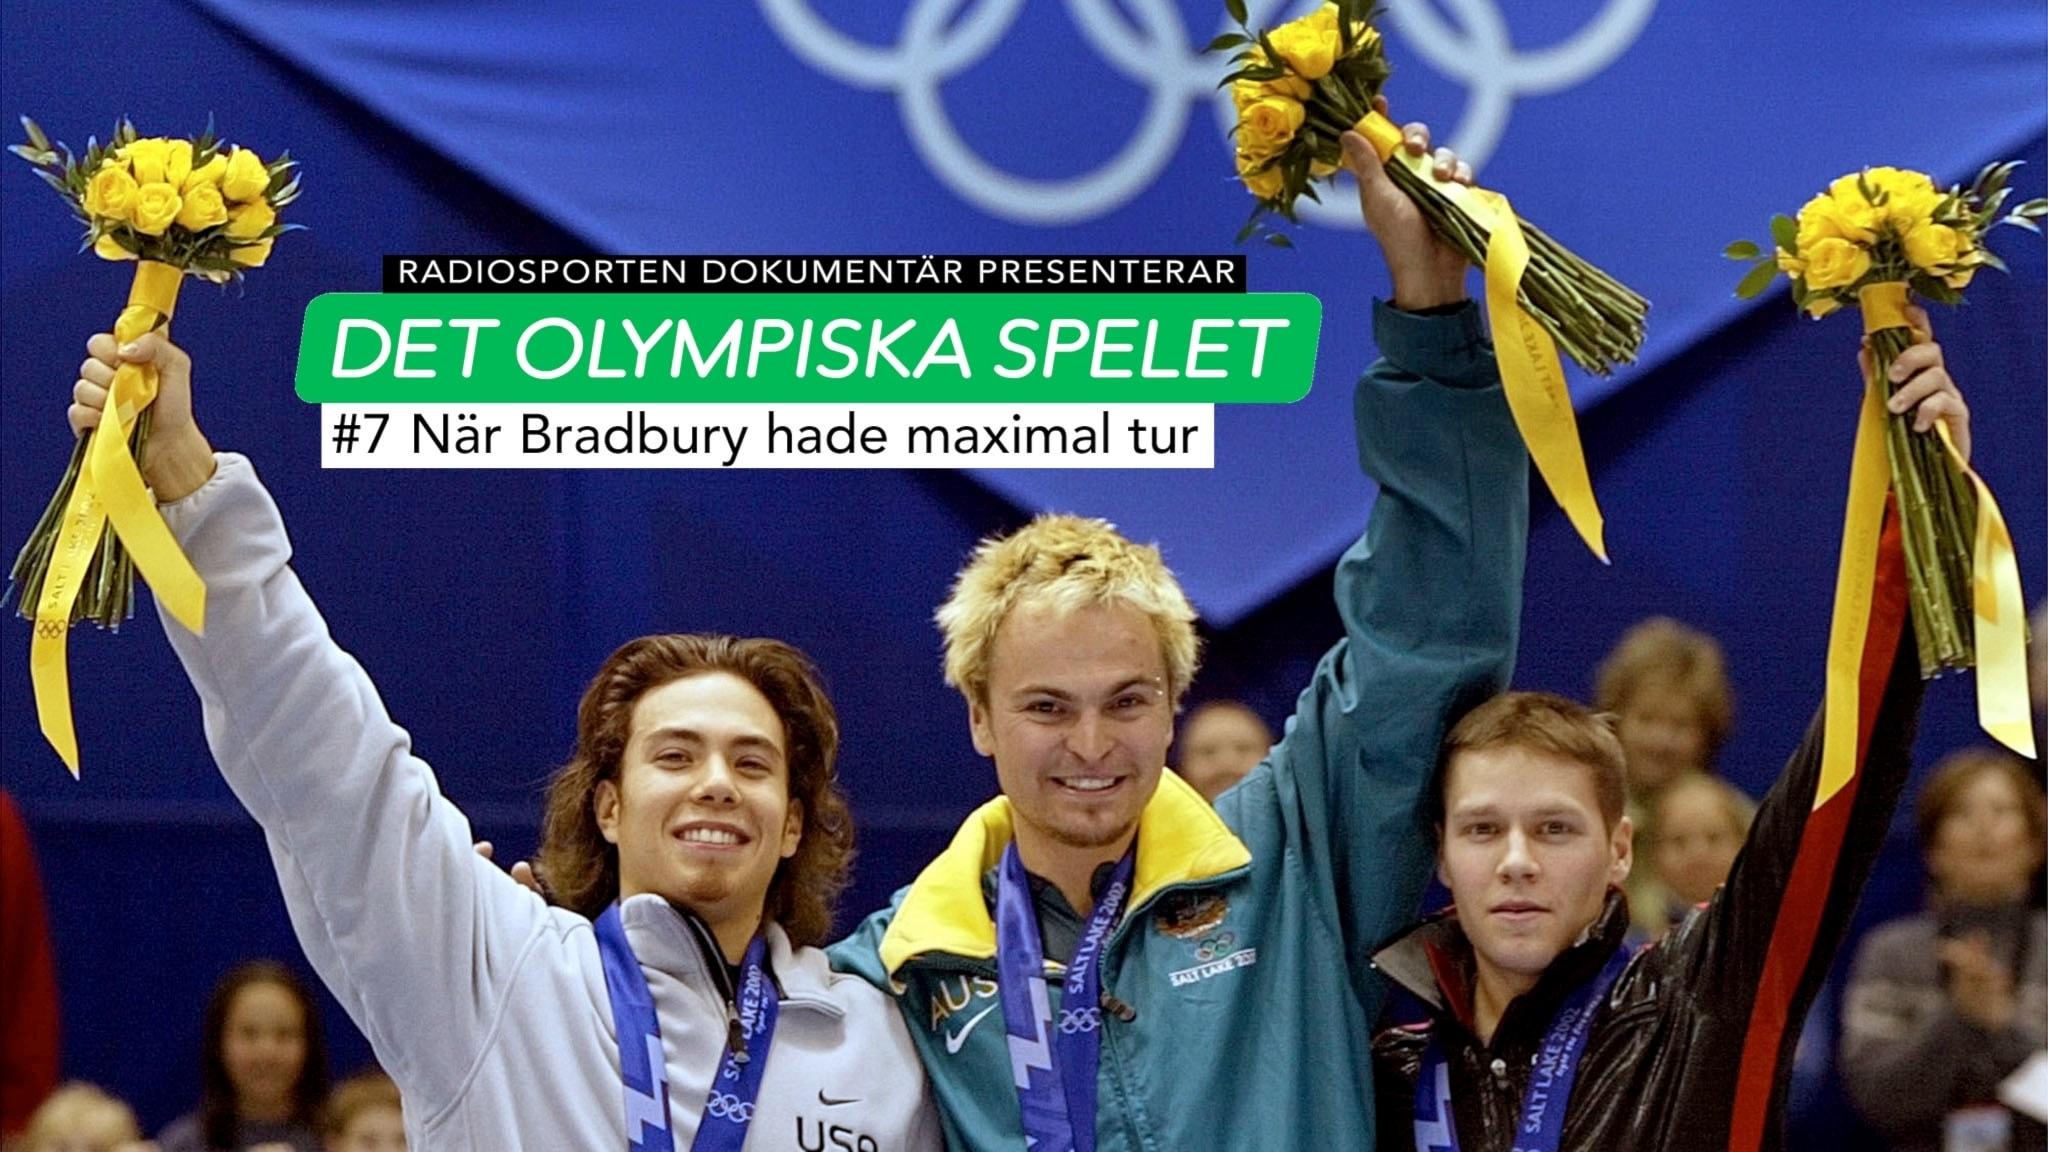 Olympiska spelet om Steven Bradbury. Foto: Doug Mills/TT